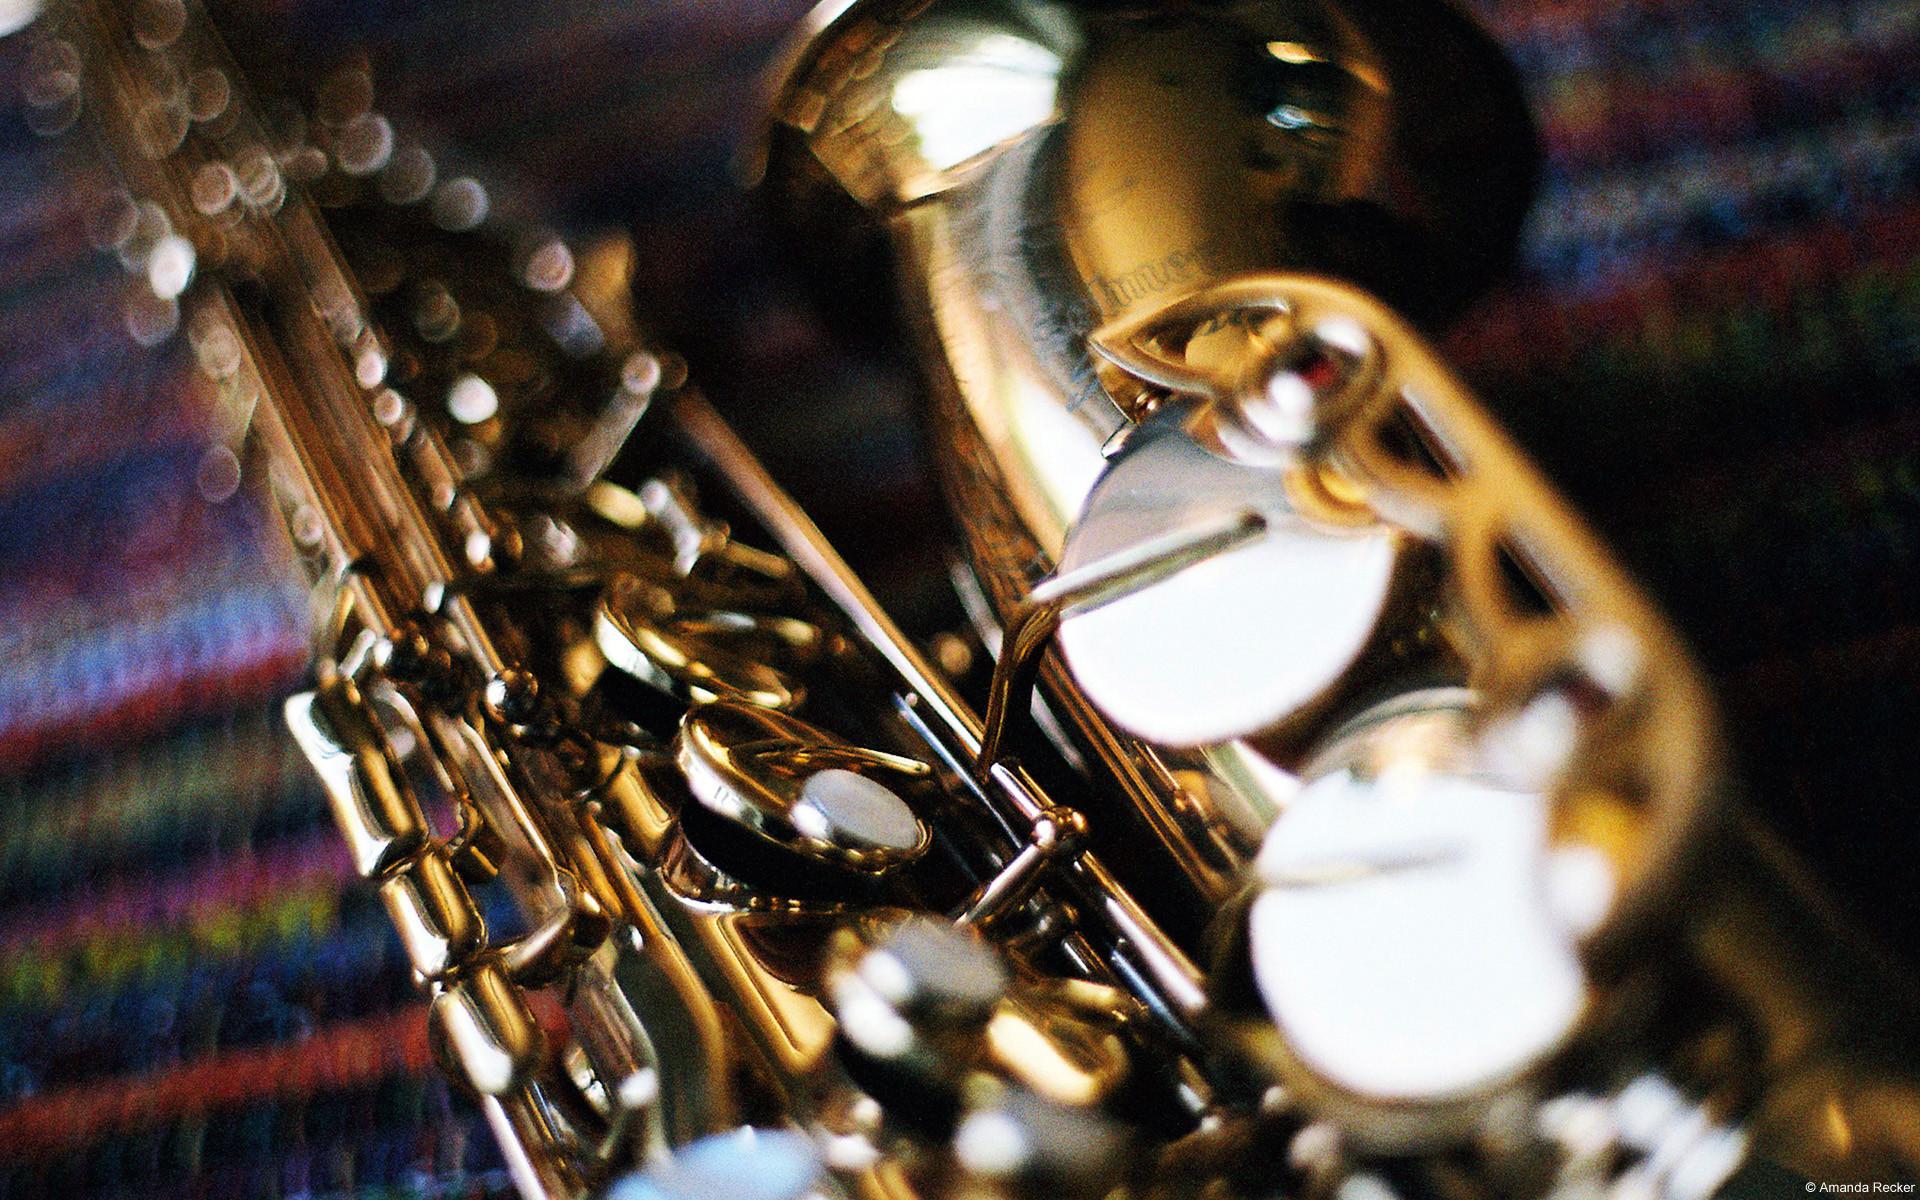 3d Jazz Music Wallpapers: Sax Wallpaper ·① WallpaperTag